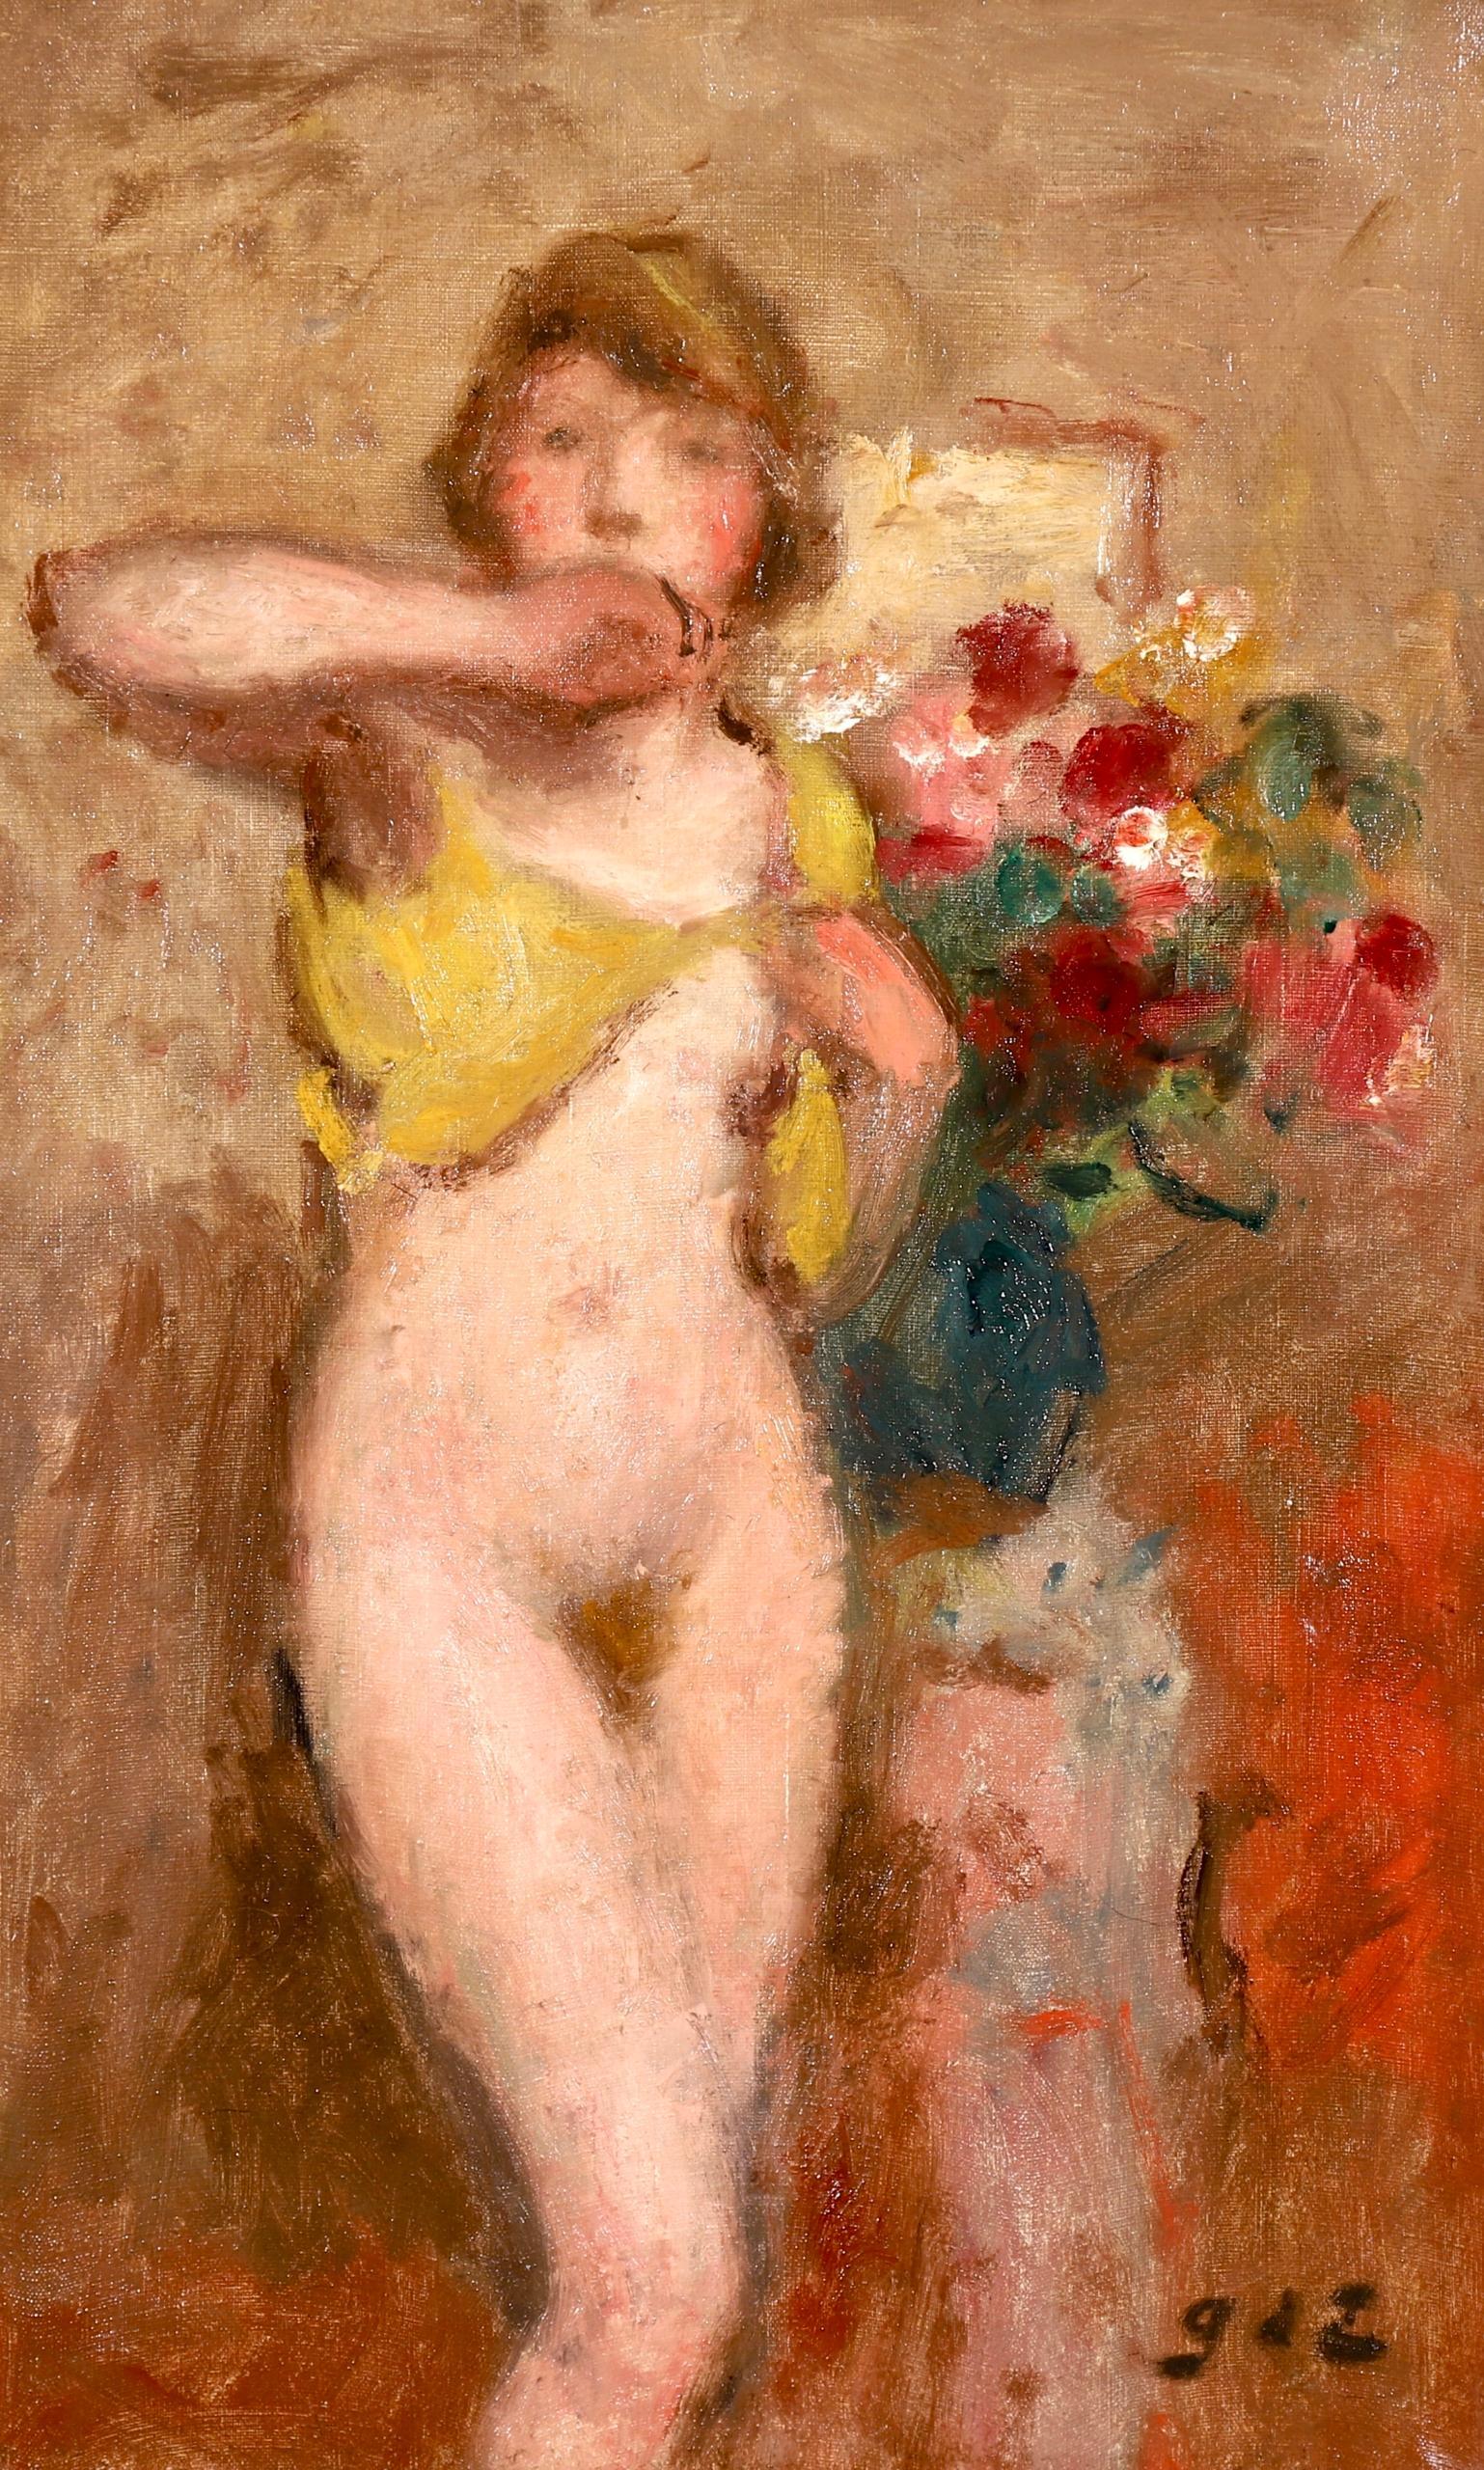 Nu avec des fleurs - Post-Impressionist Oil, Nude & Flowers - Georges D'Espagnat